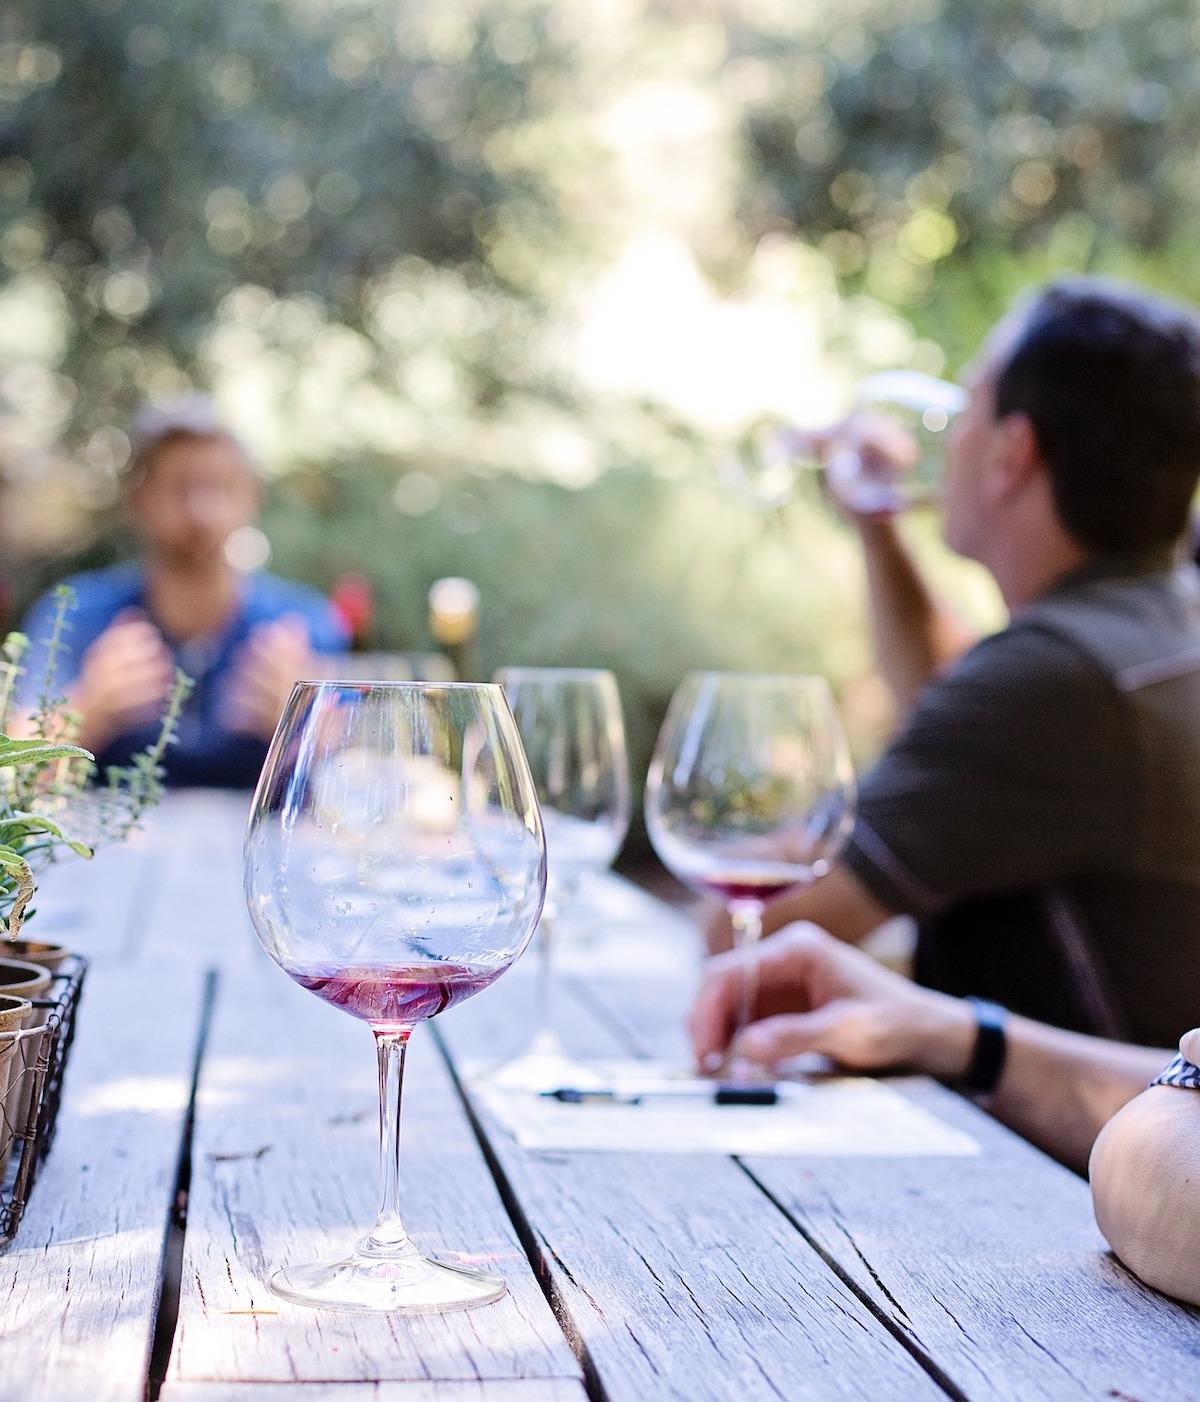 ワイン、テイスティング、イタリア風景